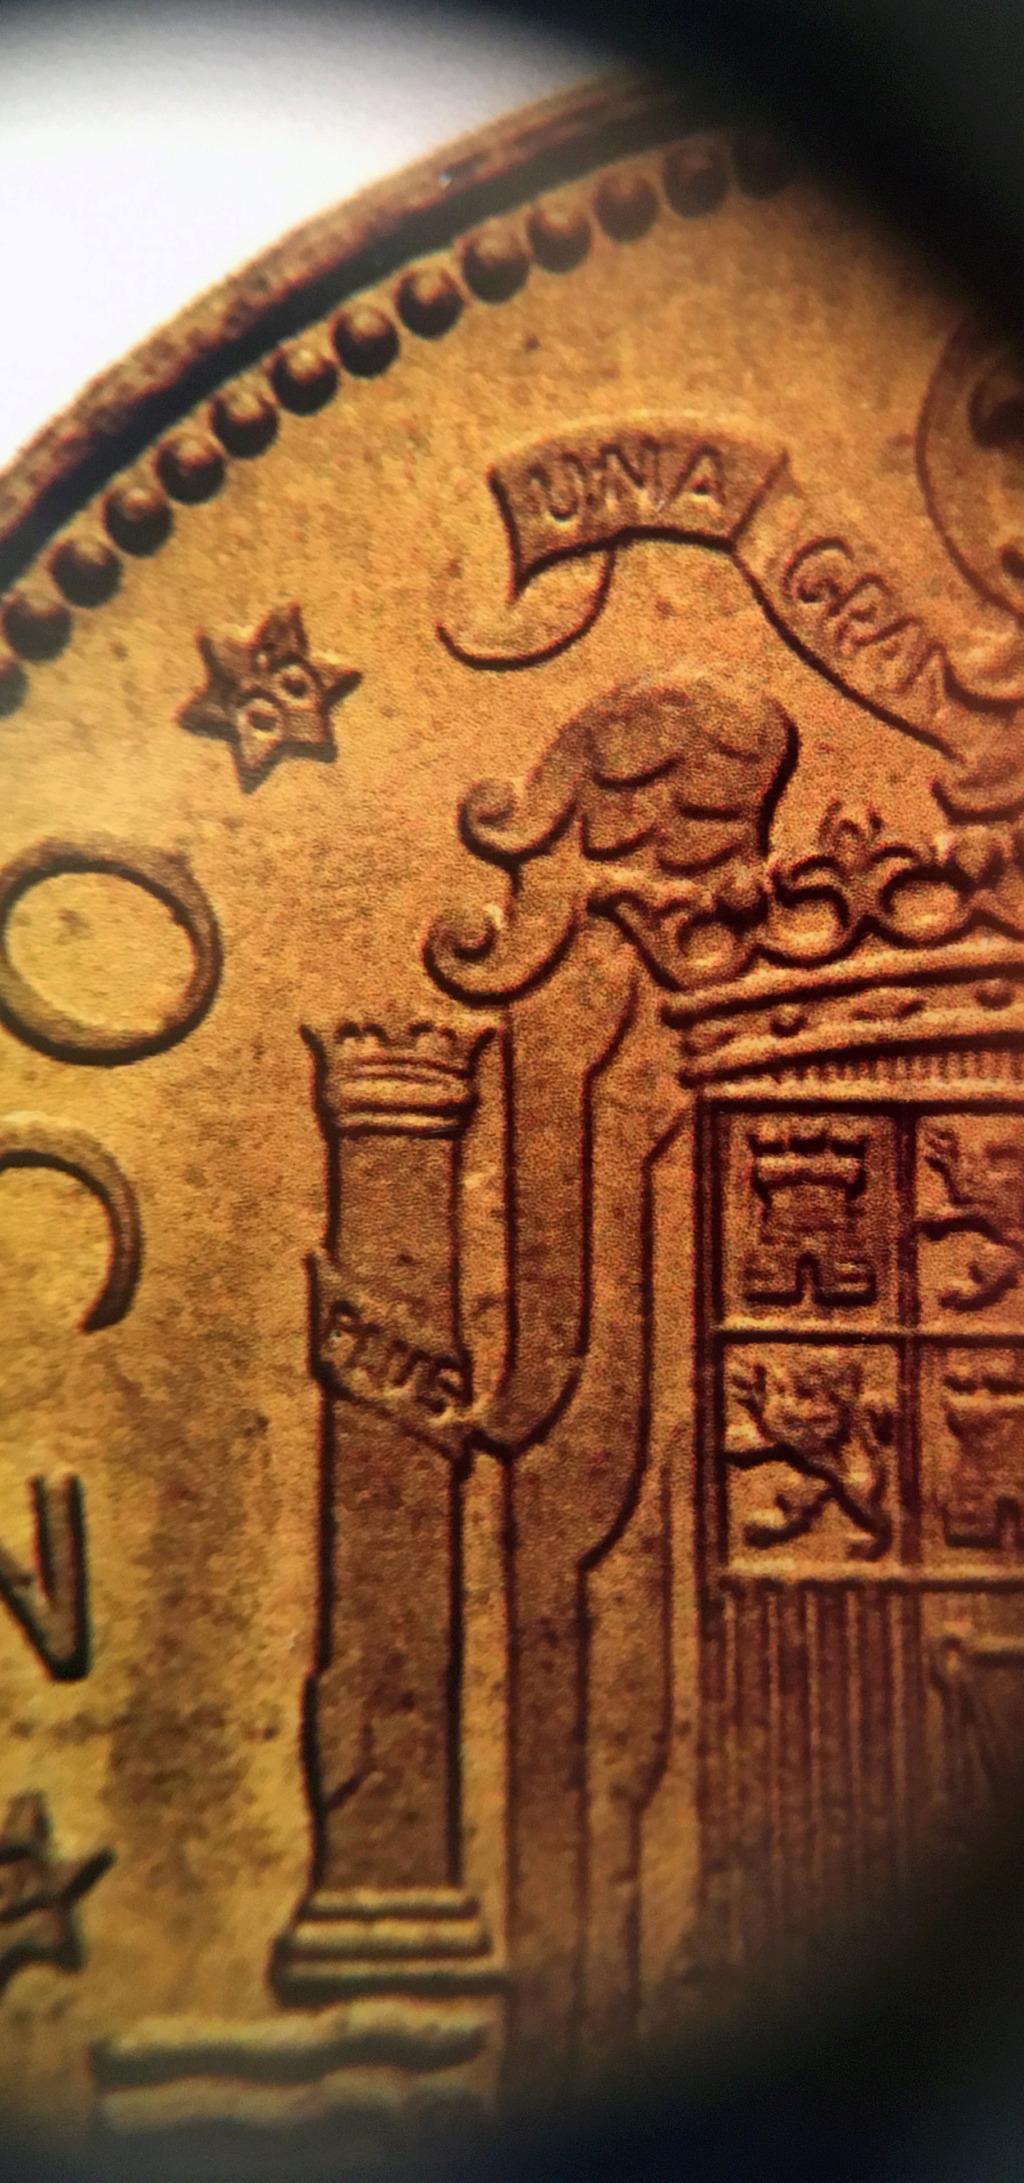 Las 2'50 pesetas de las tiras del Estado Español. - Página 4 Img_5811